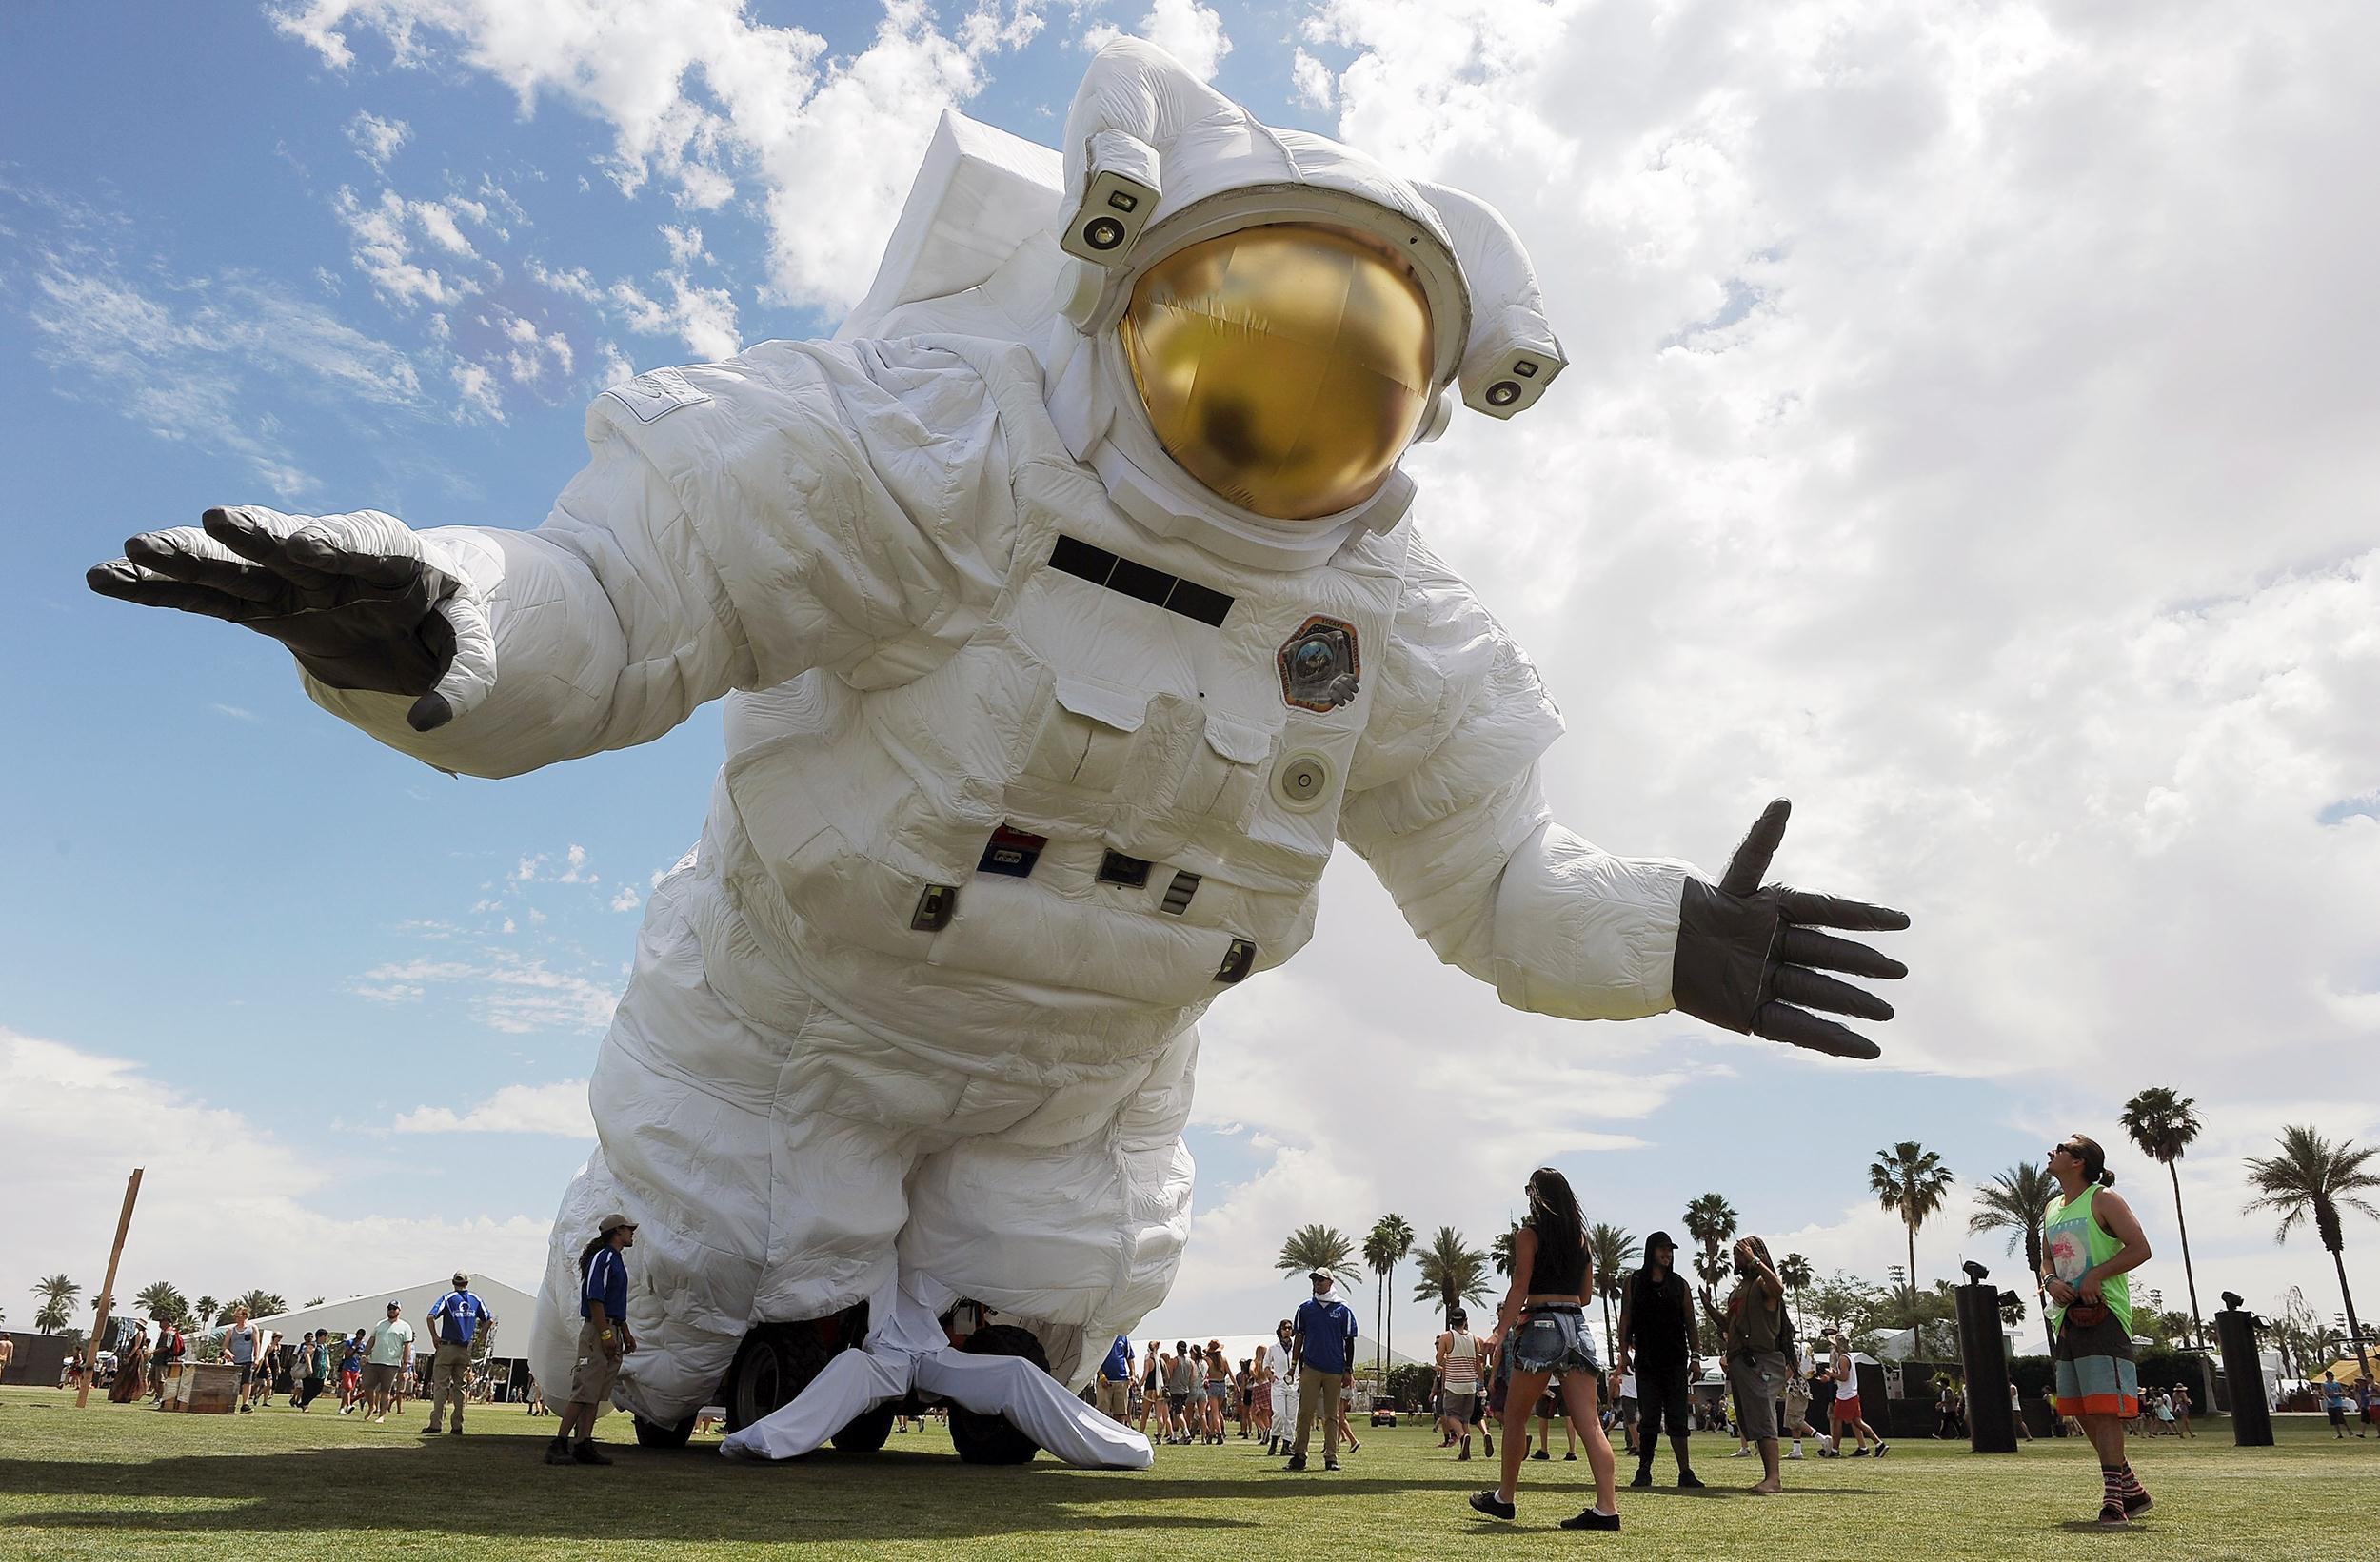 Картинки прикольные космонавты, днем речника 2019